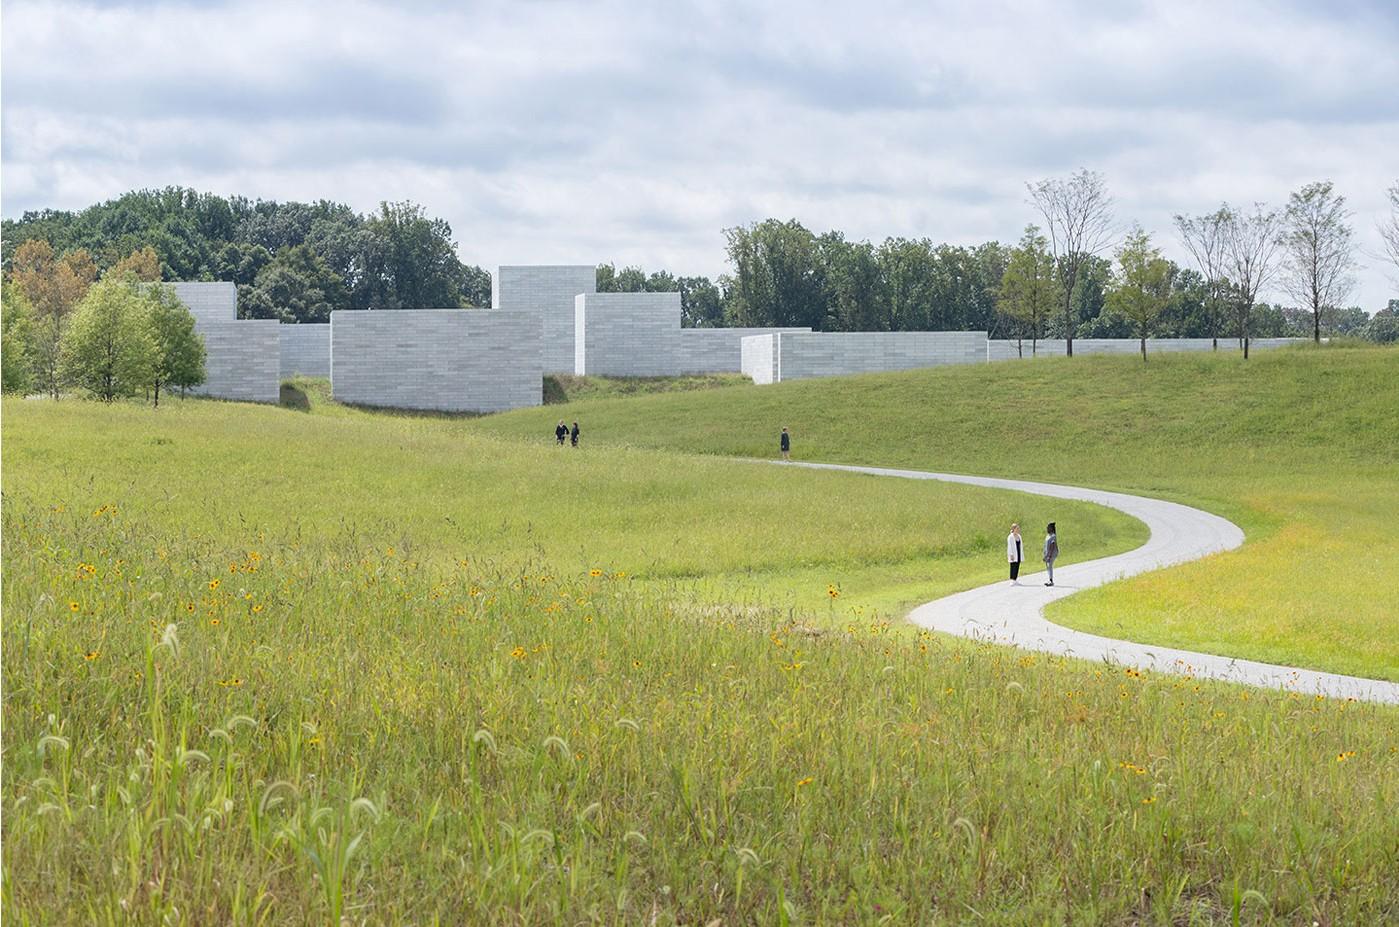 2019ASLA通用设计类荣誉奖:Glenstone博物馆景观设计